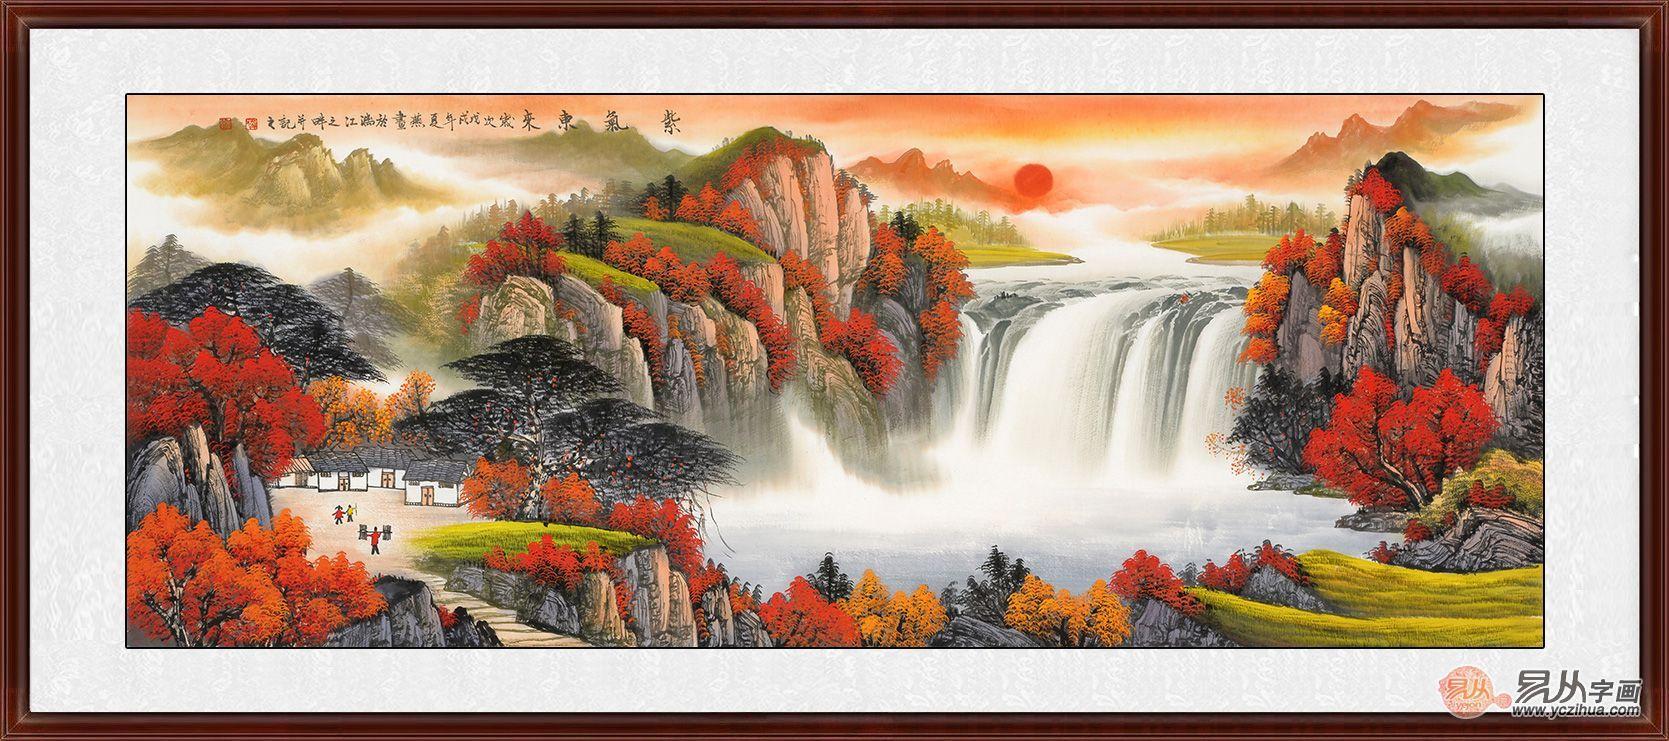 精美自然山水客厅装饰挂画,低调奢华的舒适